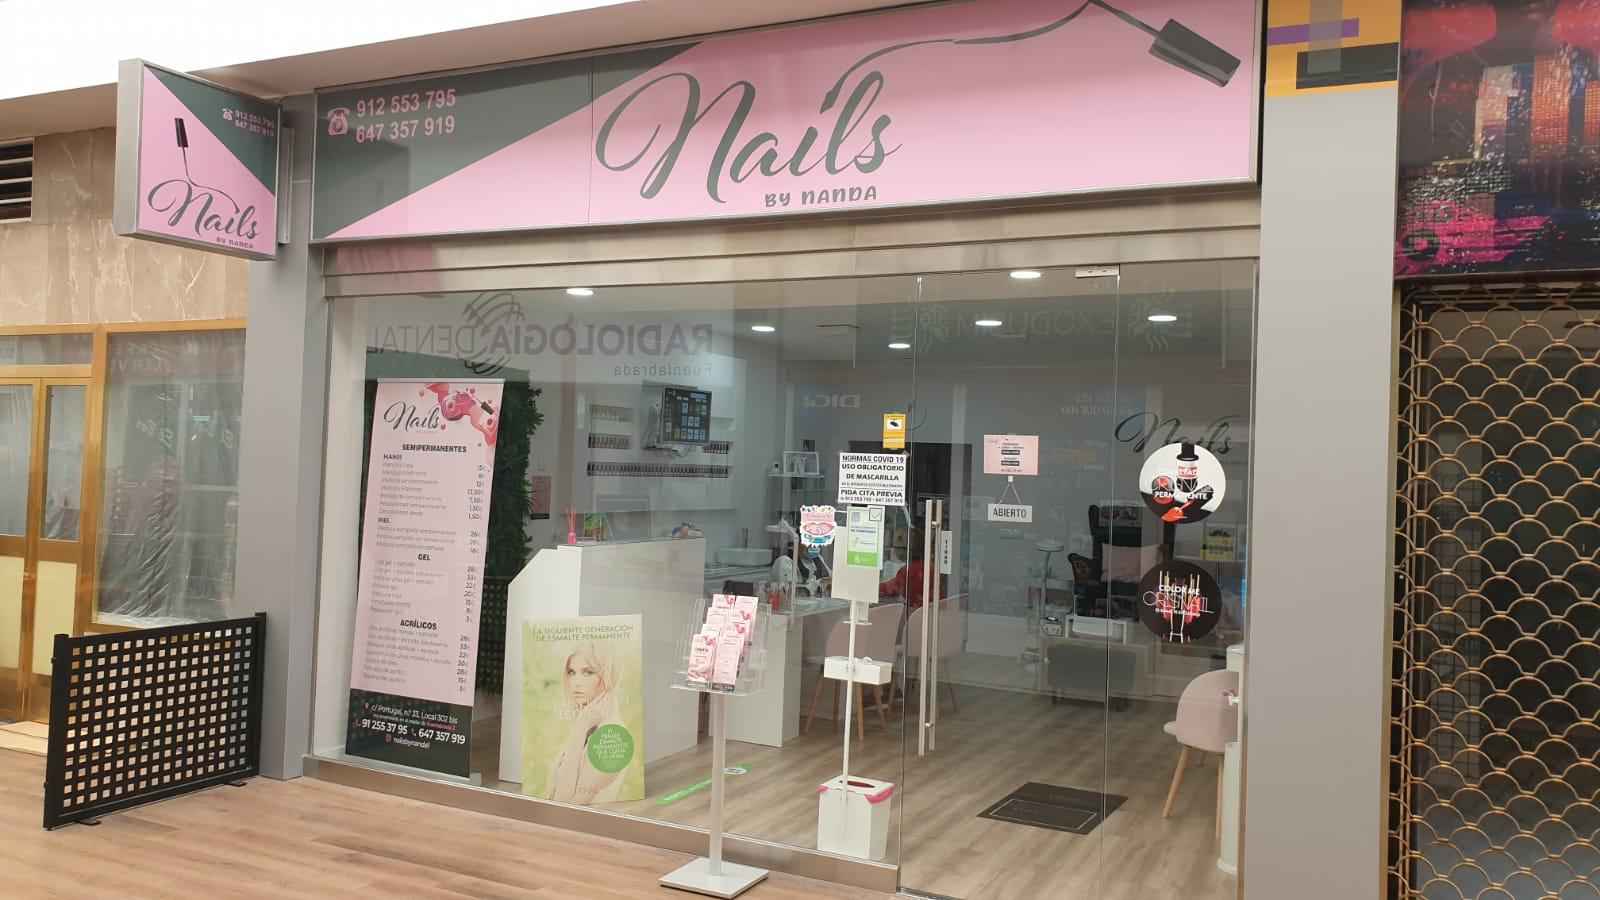 Nails by Nanda